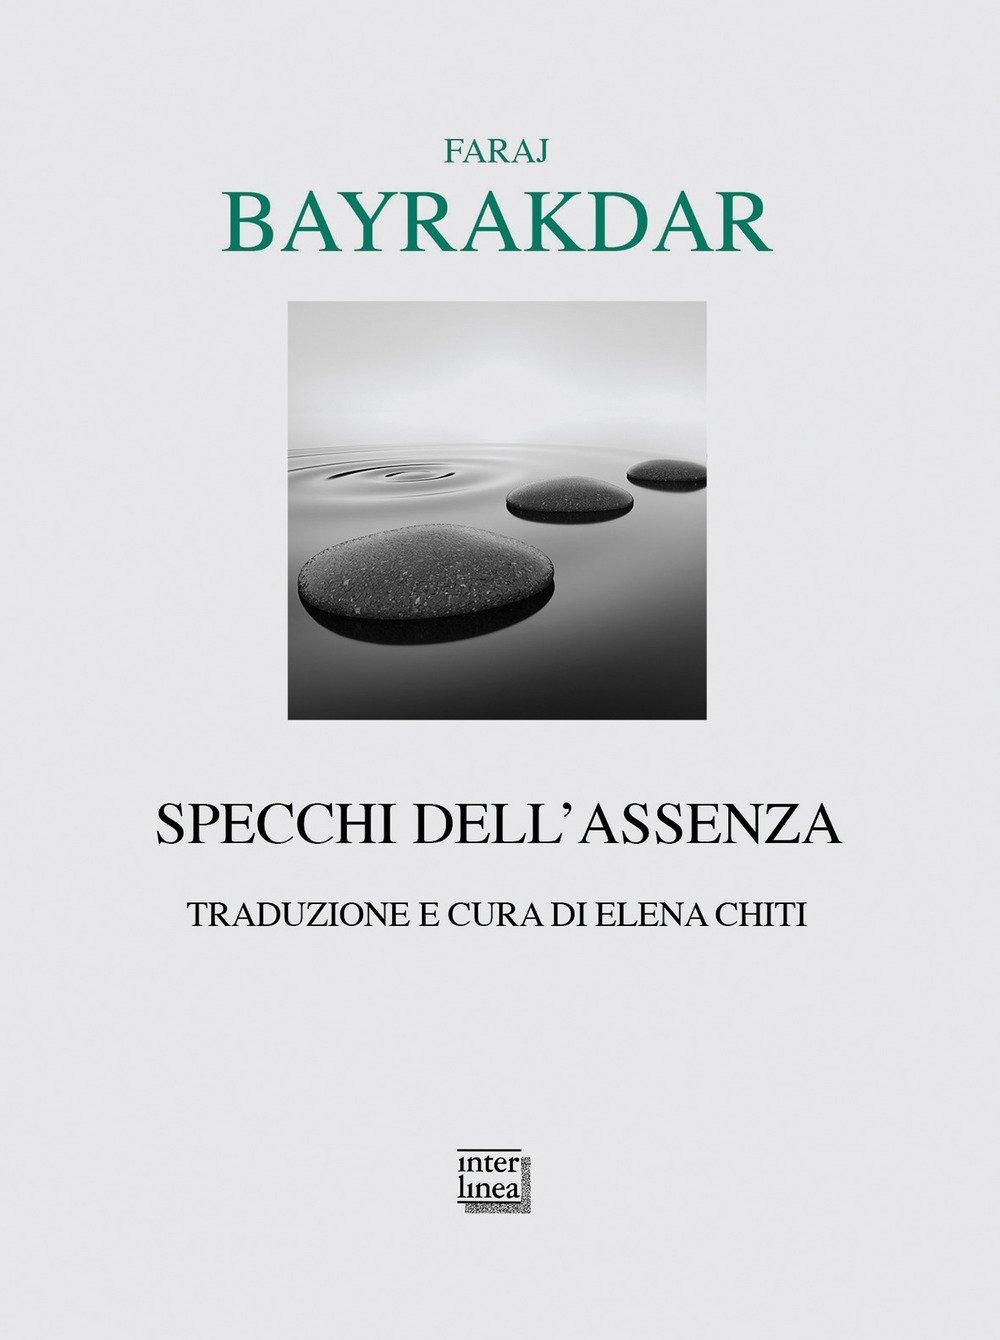 Faraj Bayrakdar - Specchi dell'assenza - Interlinea 2